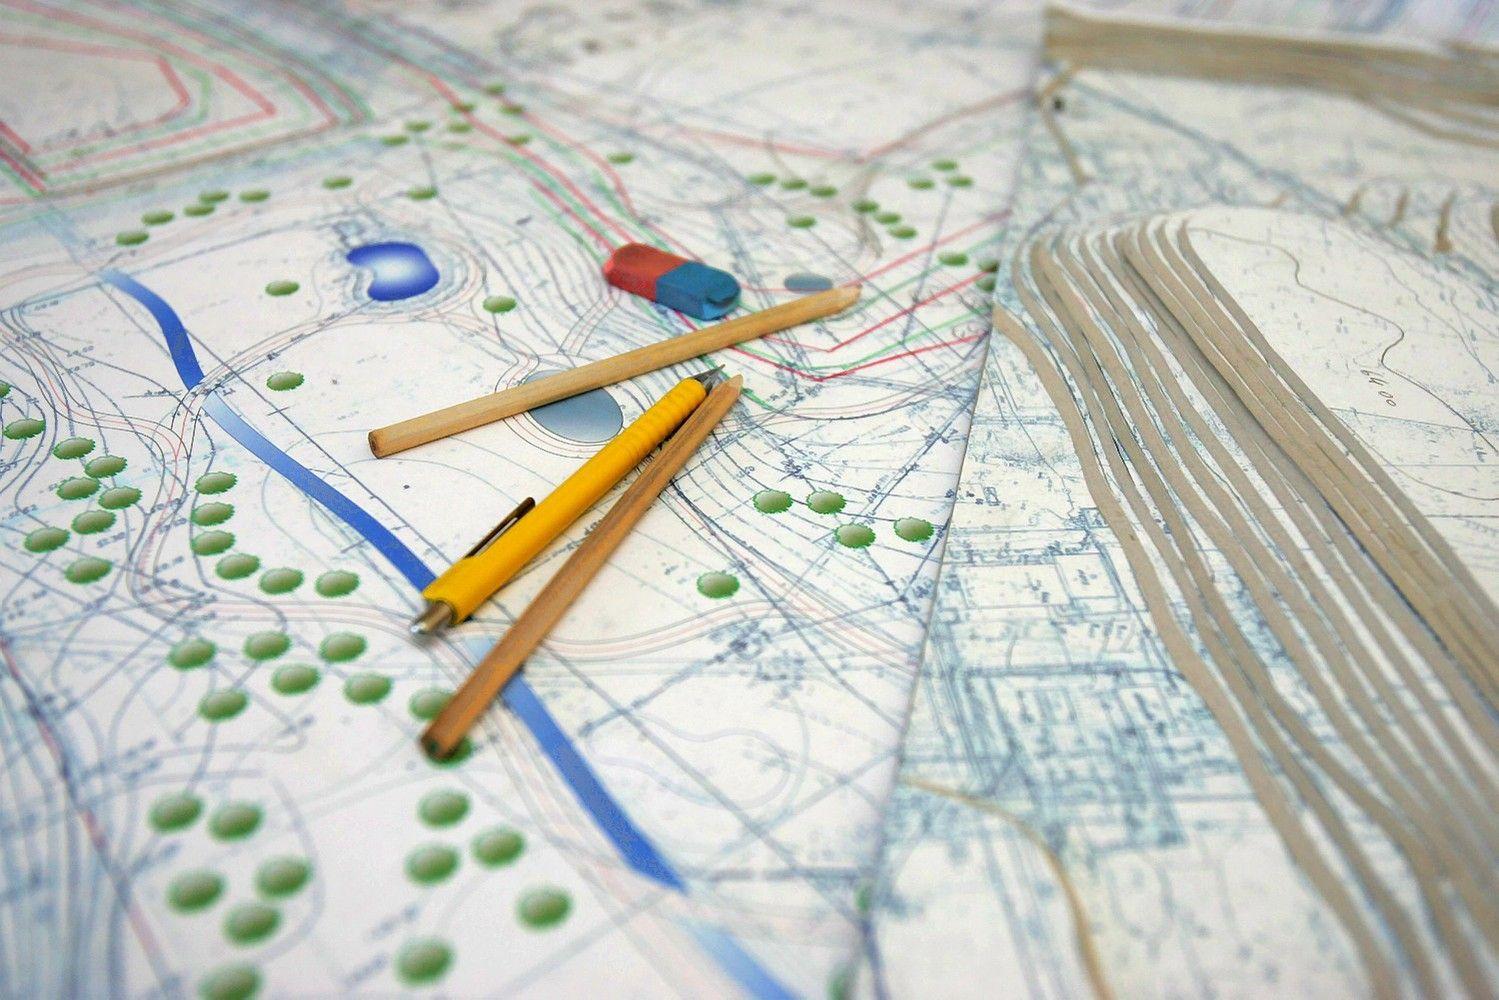 Teritorijų planavimas: ilgai grįstas kelias prasideda tik dabar